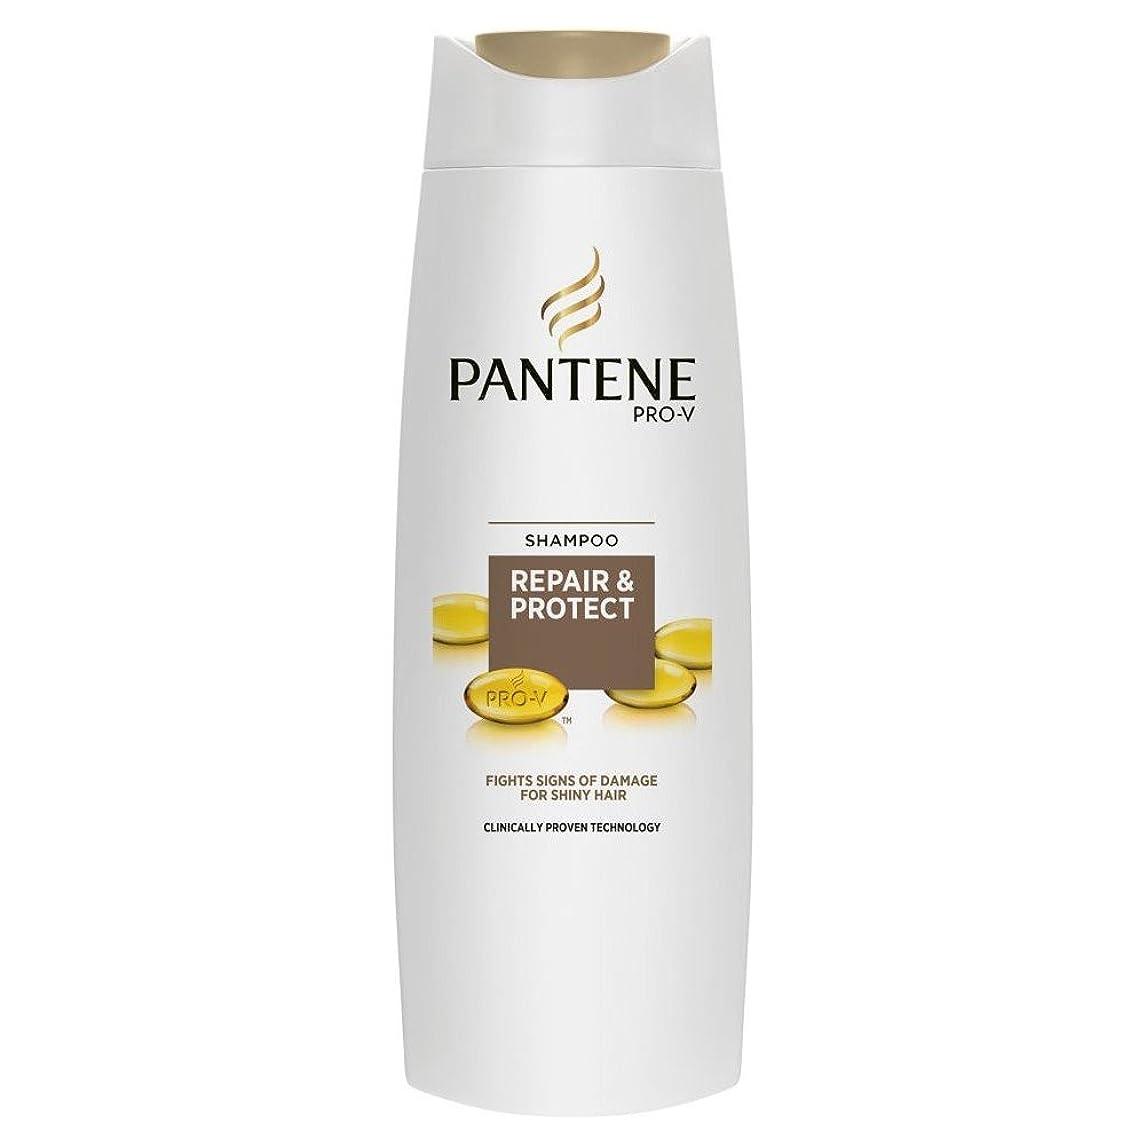 仲人不適当クレタPantene Pro-V Repair & Protect Shampoo (250ml) パンテーンプロvの修理やシャンプーを保護( 250ミリリットル) [並行輸入品]